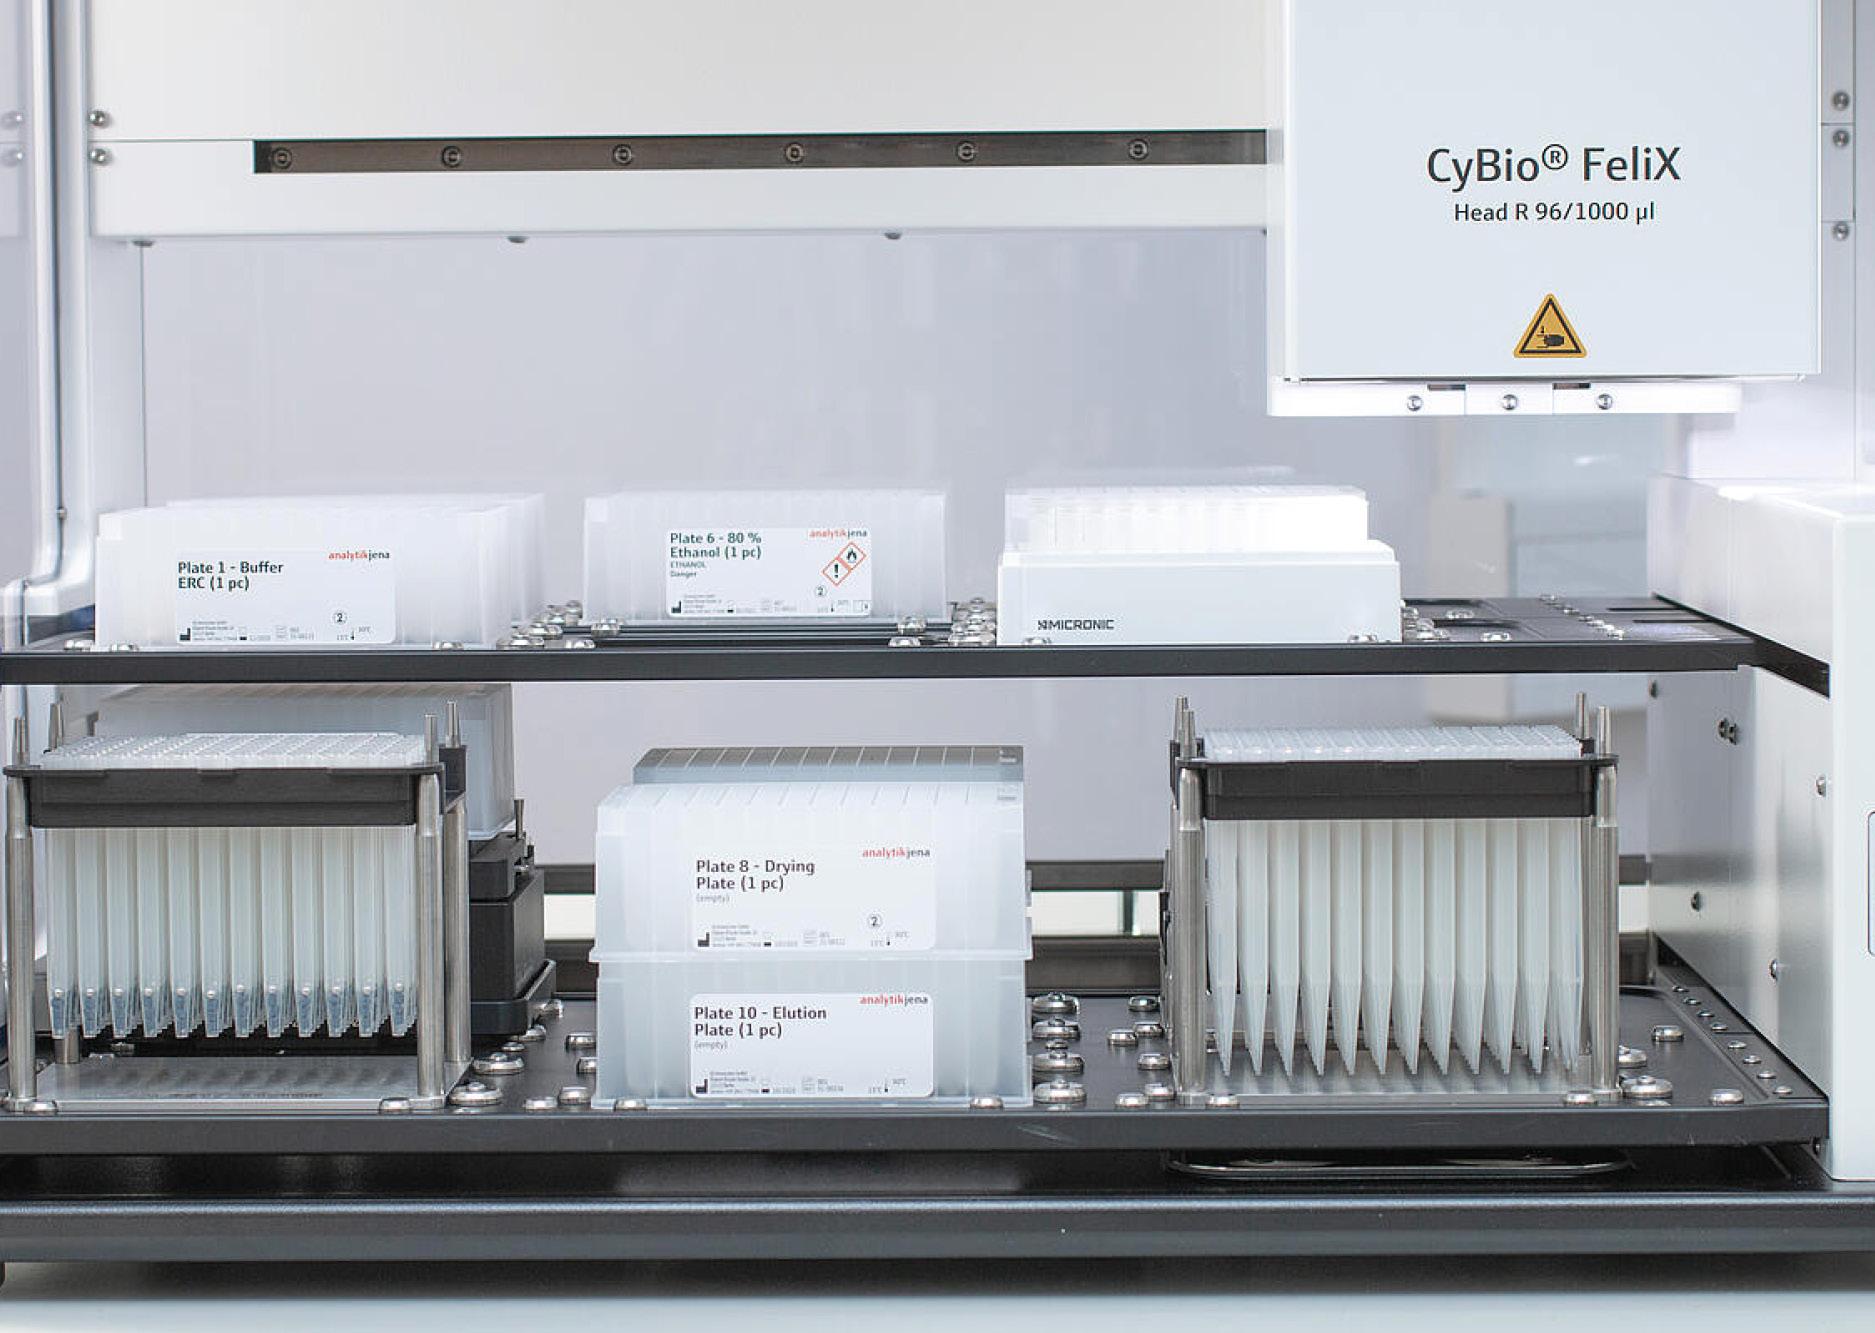 Enhet för automatisk extraktion av nukleinsyra med CyBio FeliX